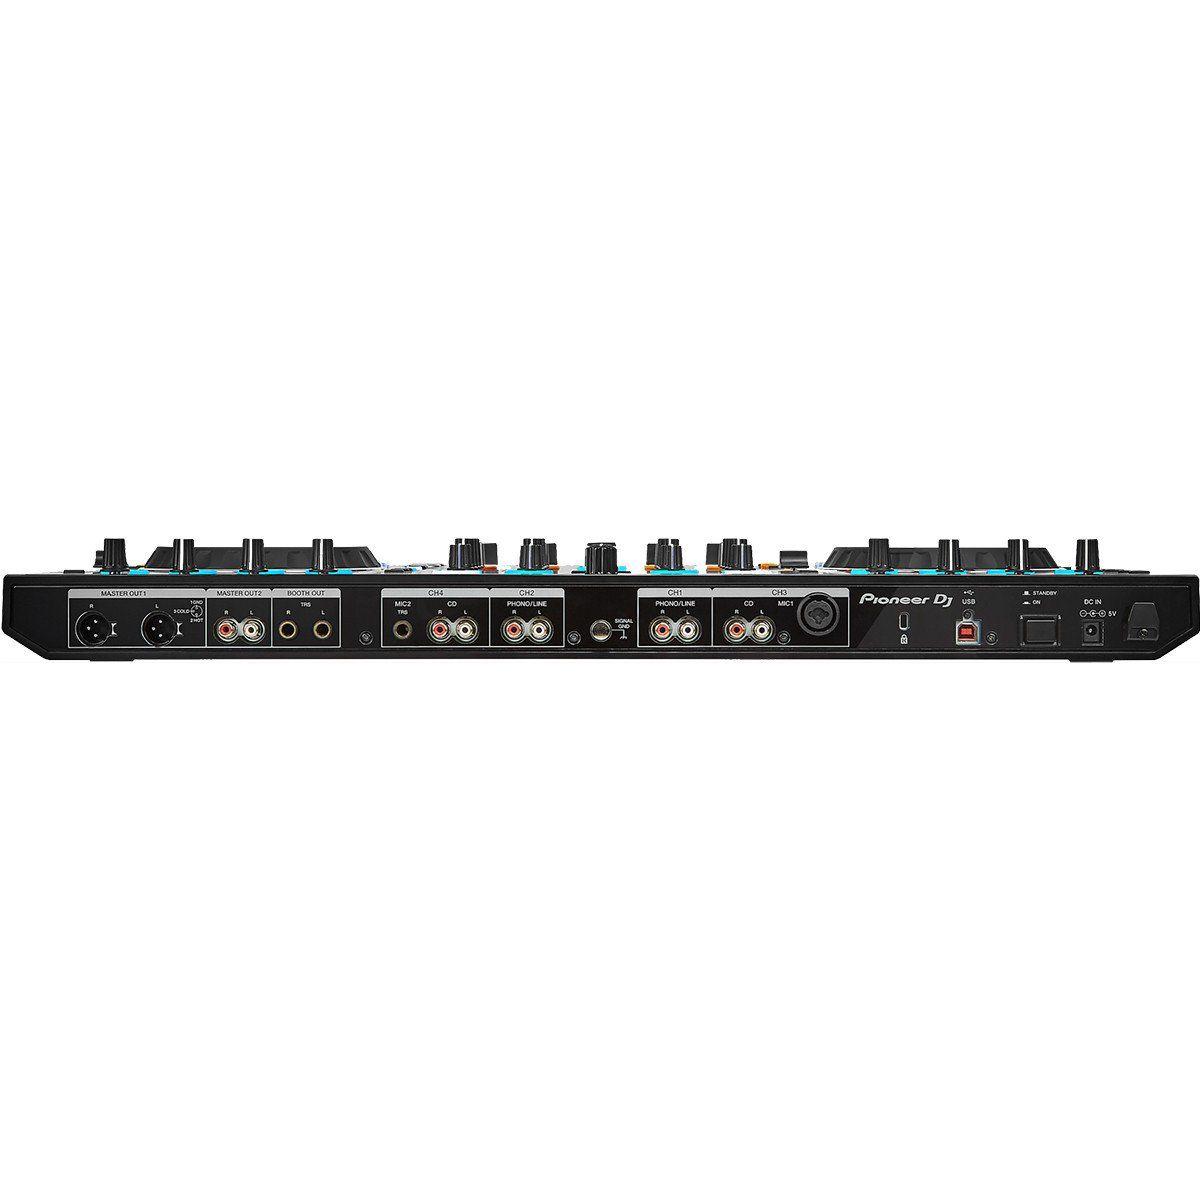 Pioneer DDJ-RX Controladora Dj DDJ RX 4-Canais 2-Decks RekordBox